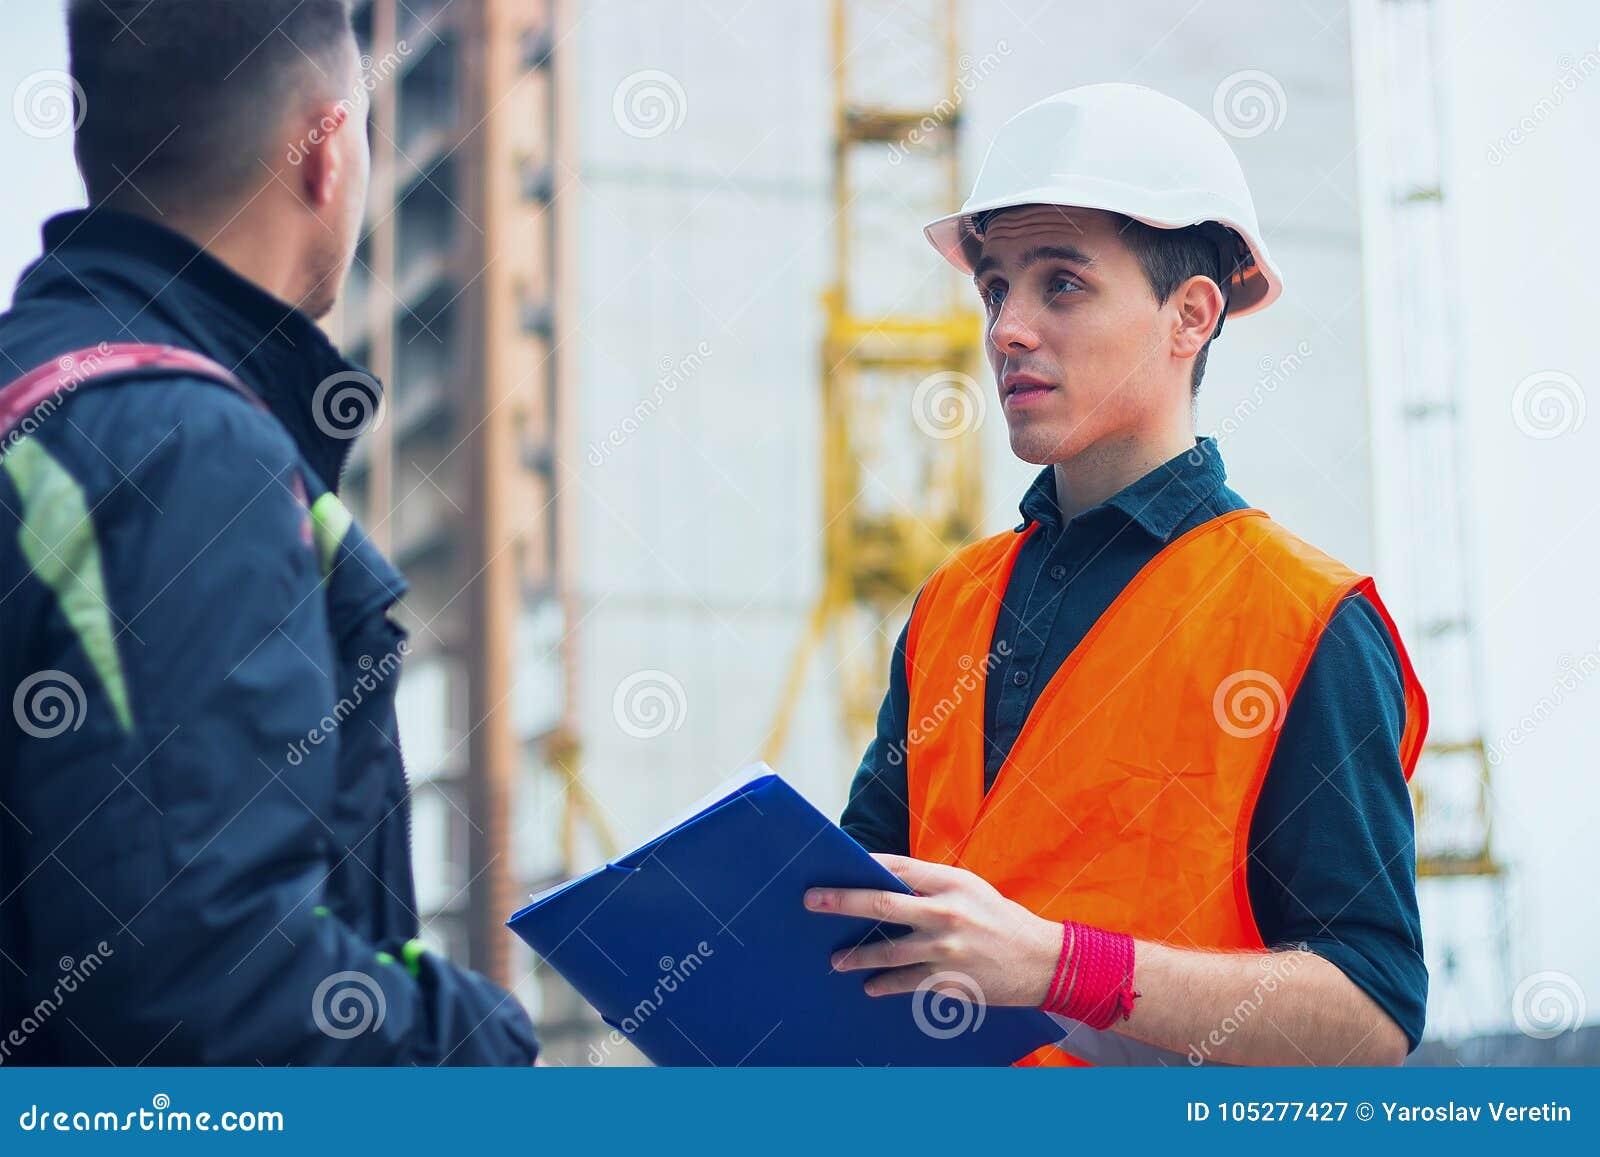 Проектируйте говоря обсуждать при архитектор работая при светокопии для архитектурноакустического плана, делая эскиз к проекту